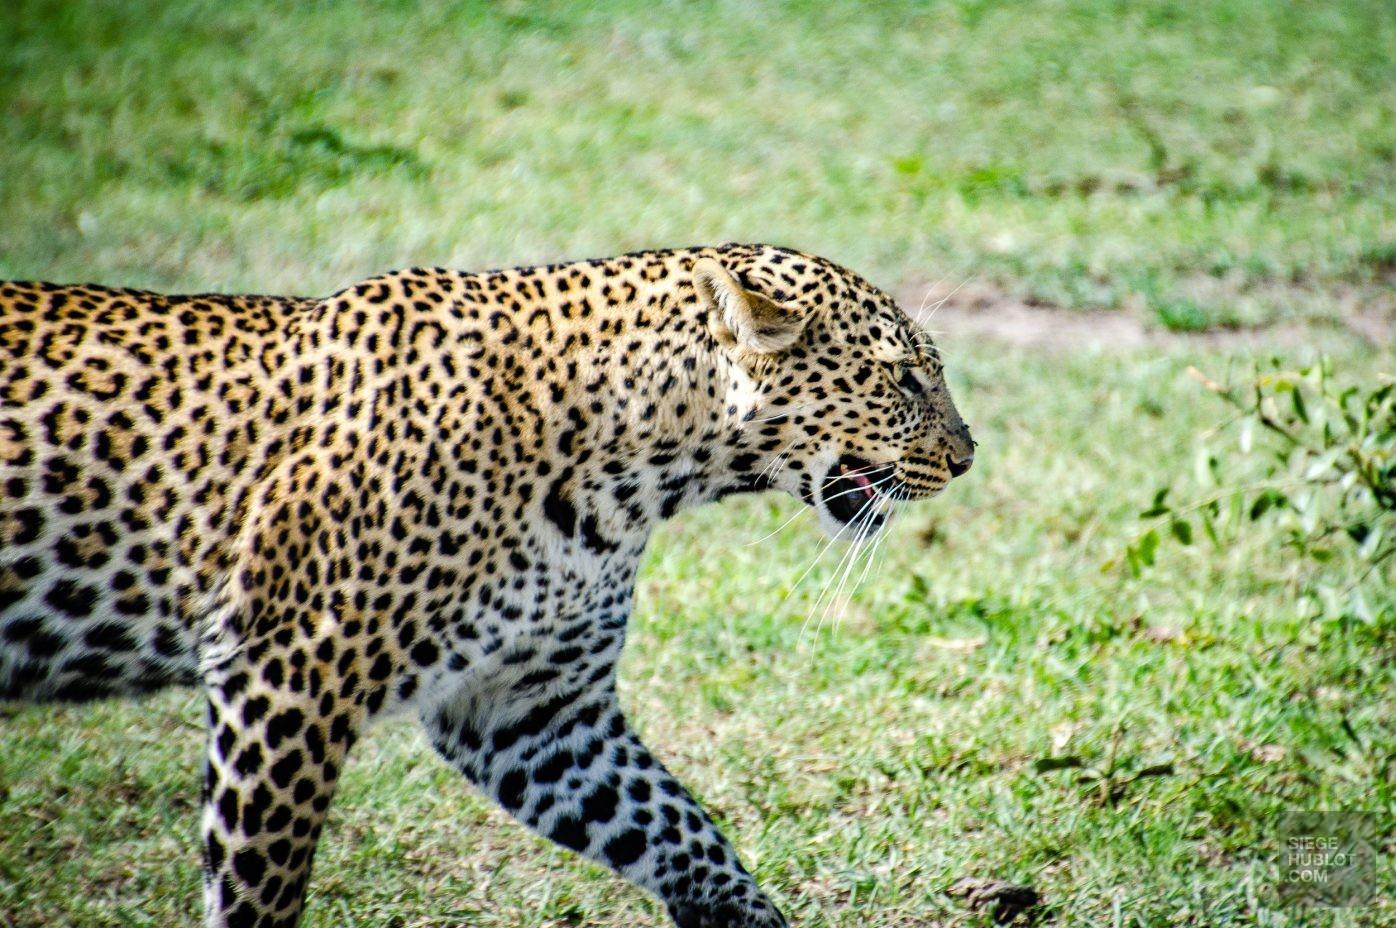 Faire un safari comme Barack Obama - kenya, destinations, afrique